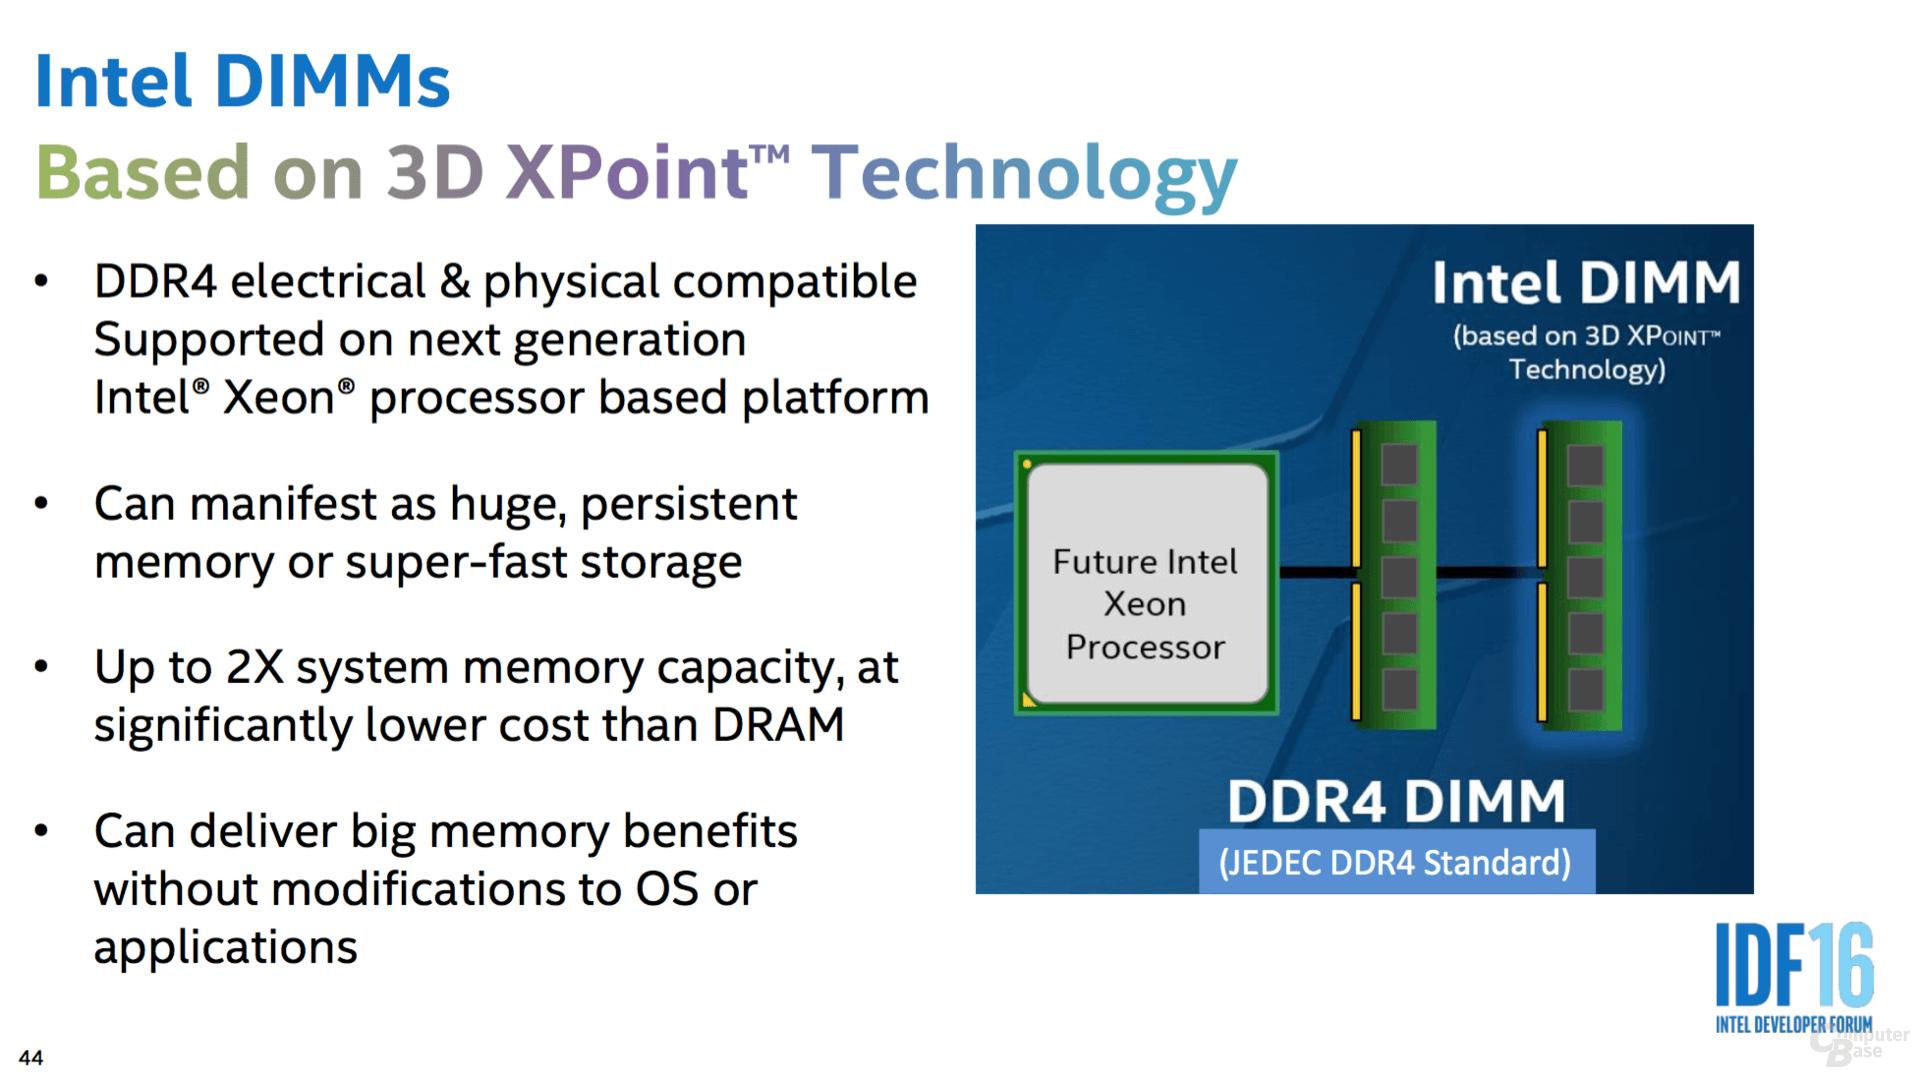 3D XPoint für zukünftige Xeon